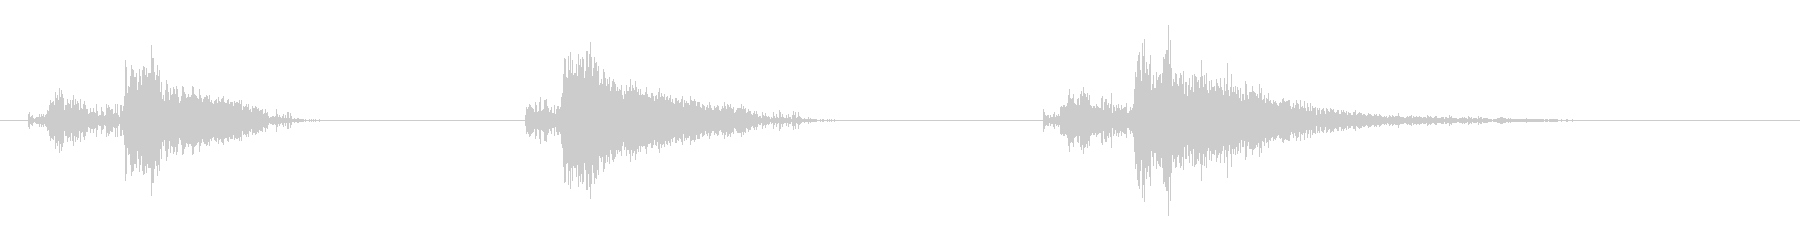 爆発1の未再生の波形